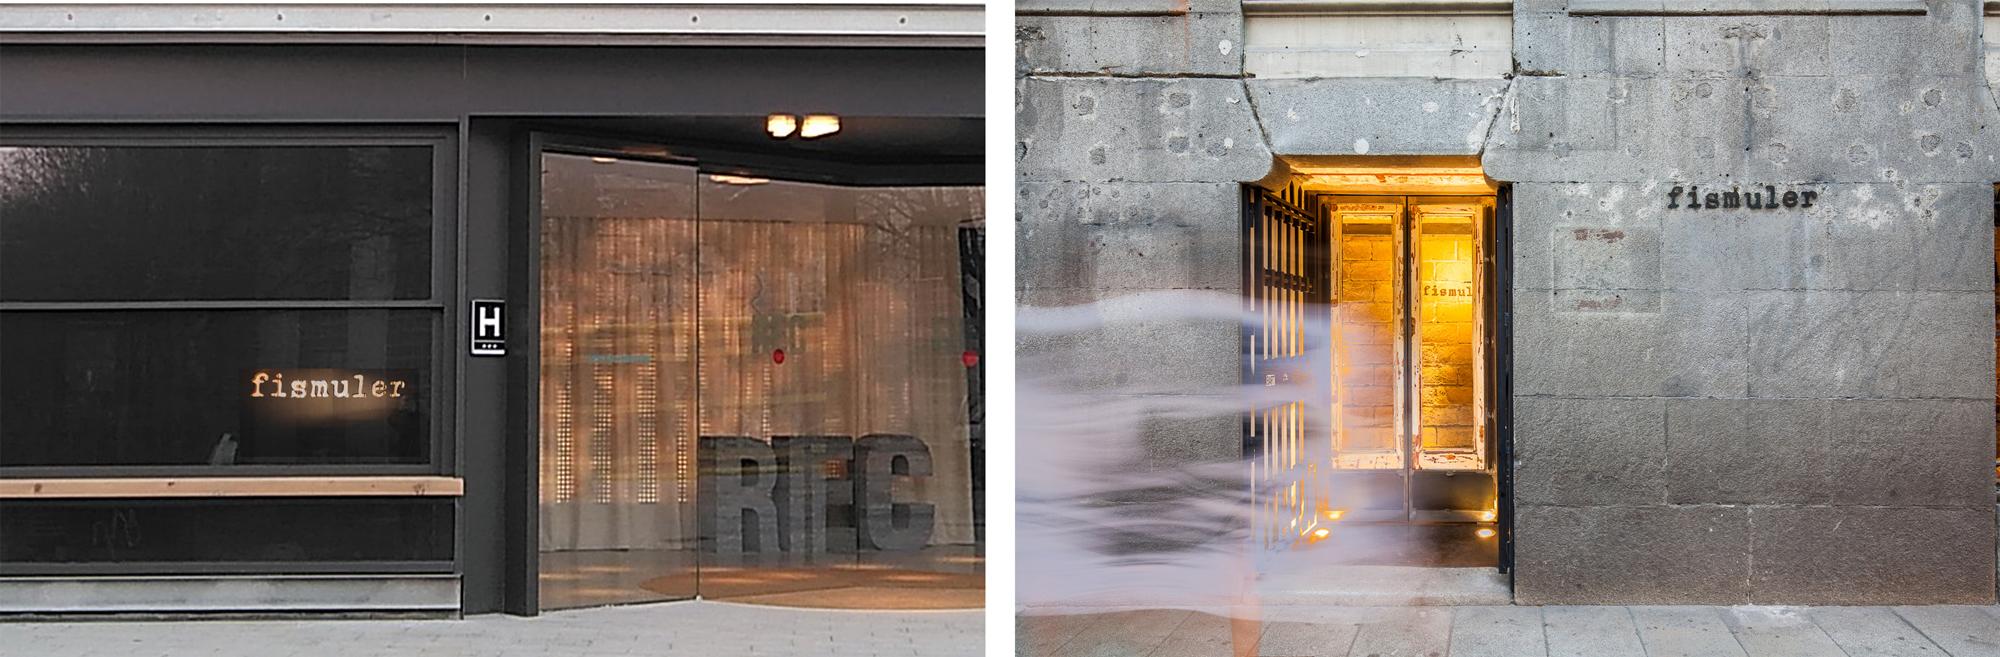 La mudanza de fismuler a barcelona arquitectura invisible - Arquitectura invisible ...